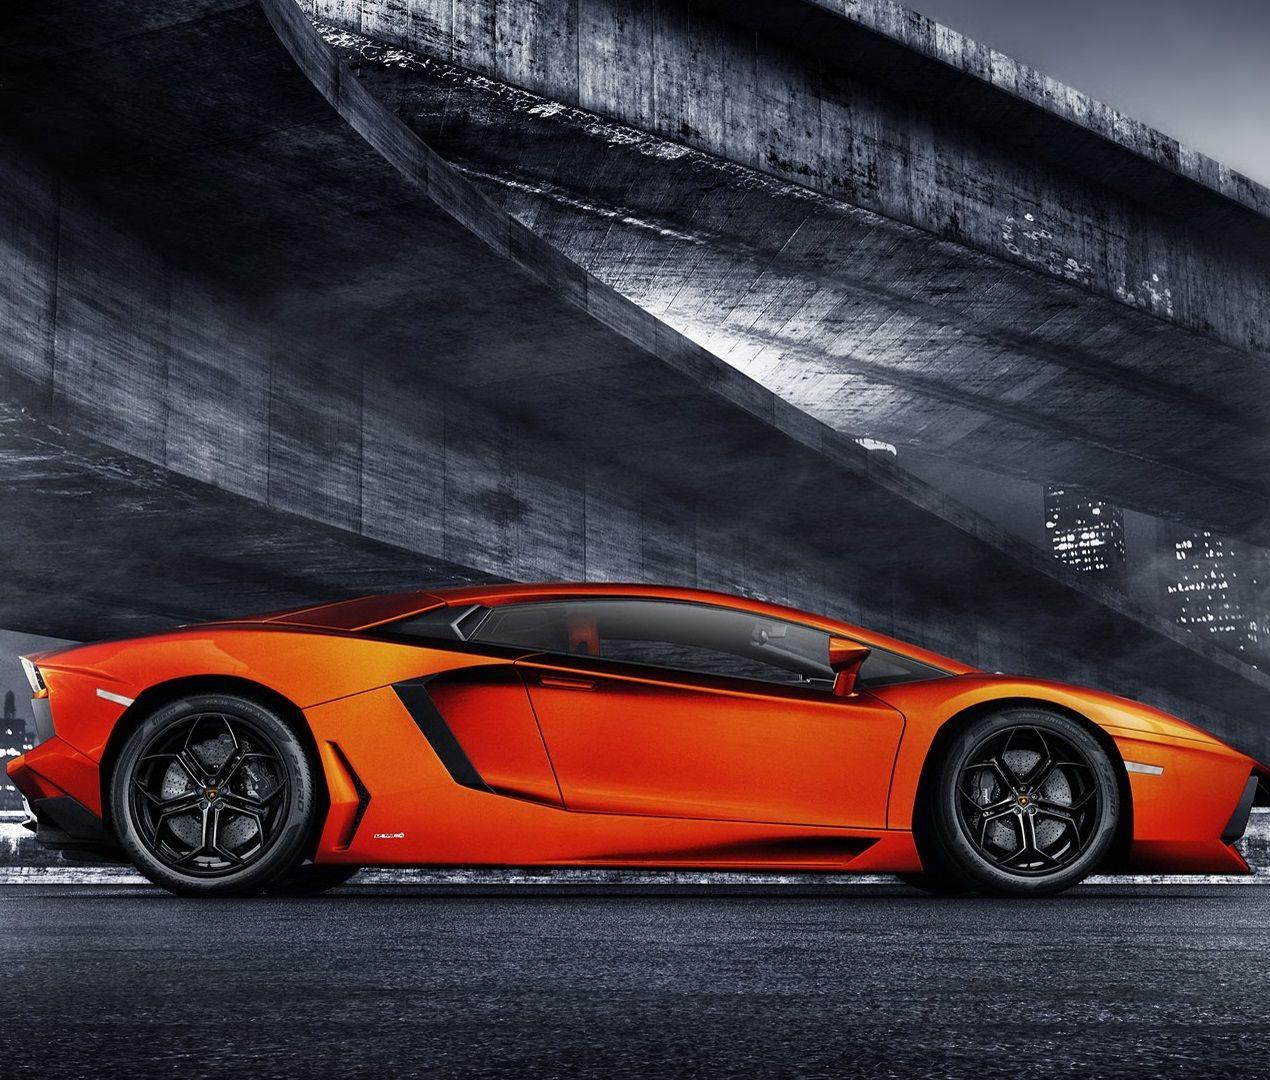 Molten Lava Lamborghini Aventador Carflash Lamborghini